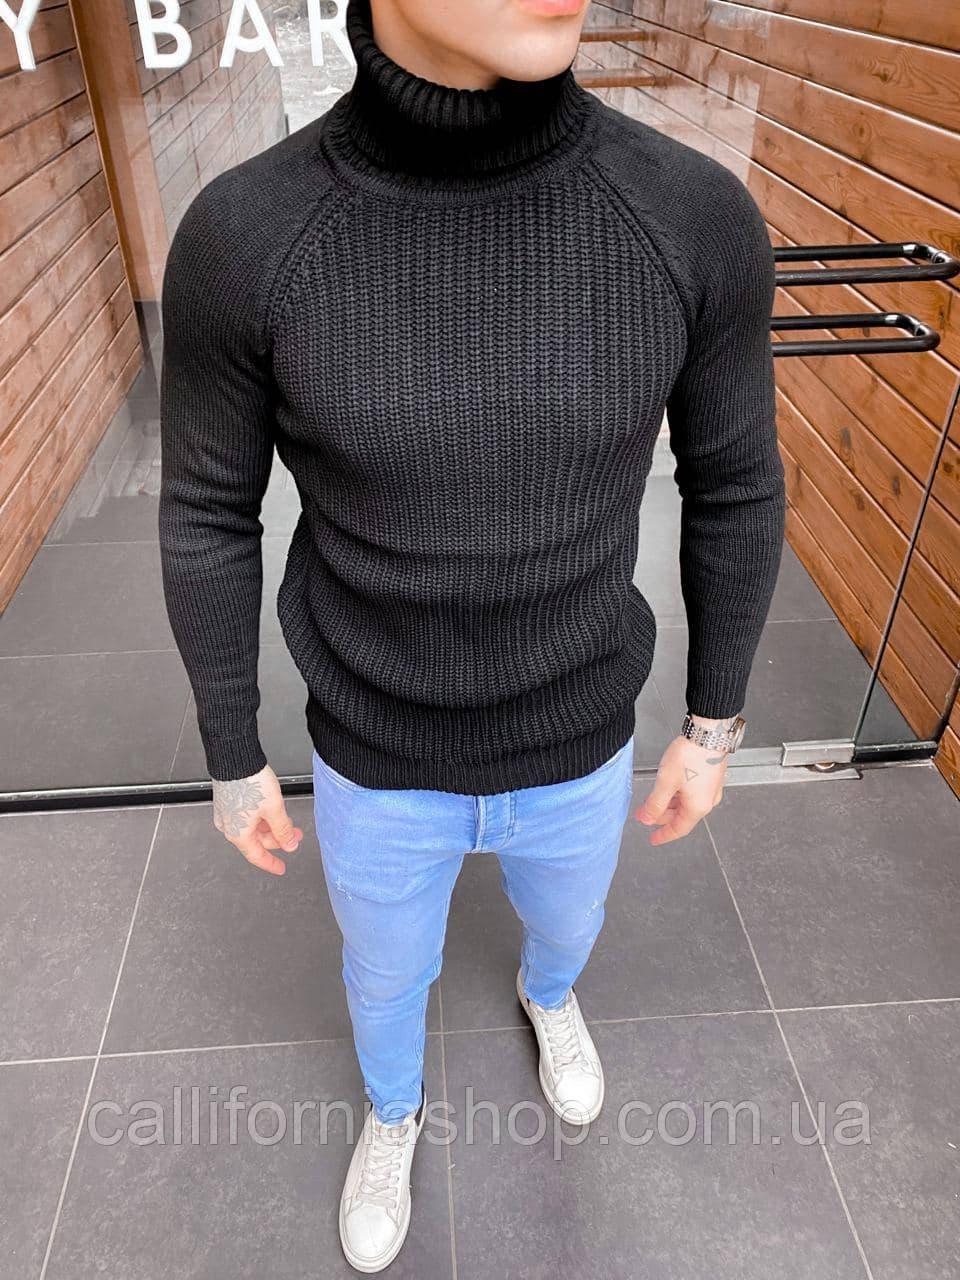 Чоловічий чорний светр з коміром гольф теплий